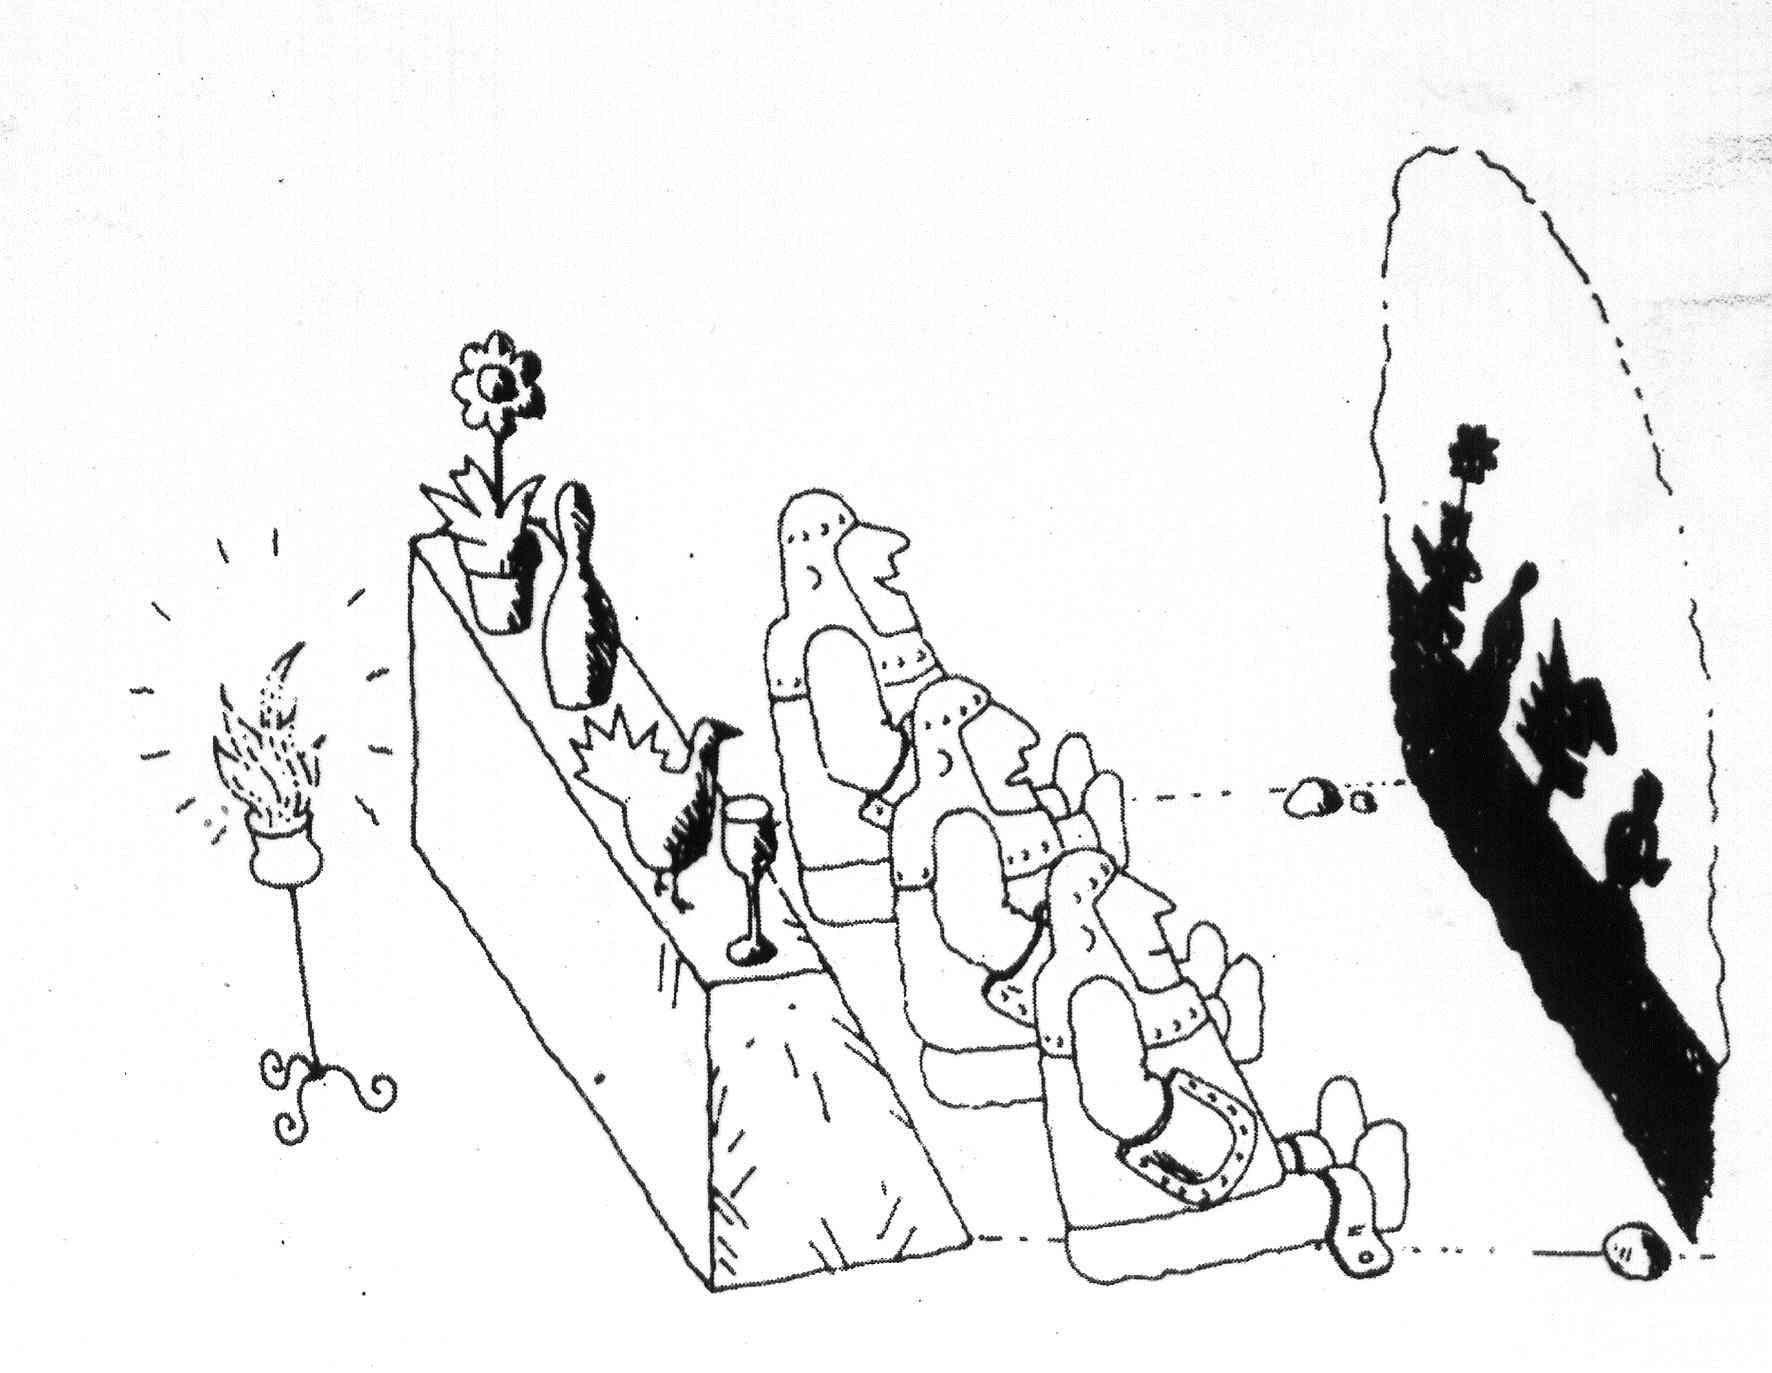 Plato S Cave Dan Dennett S Dismissal Of Cartesian Materialism